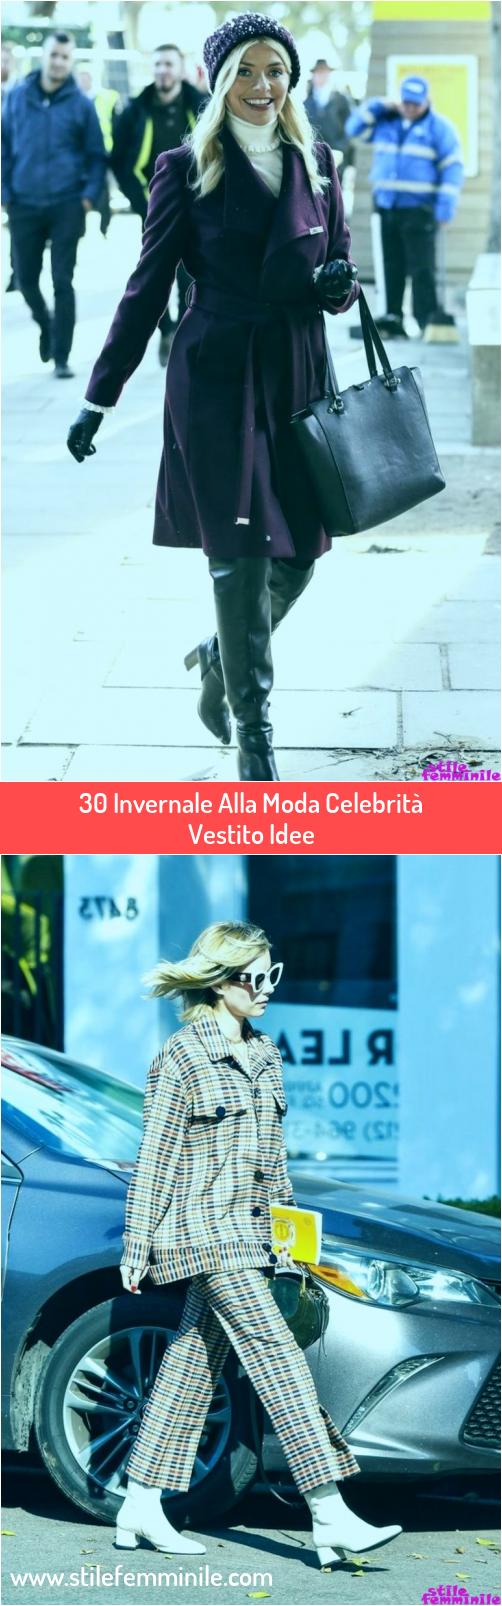 Photo of 30 Invernale Alla Moda Celebrità Vestito Idee